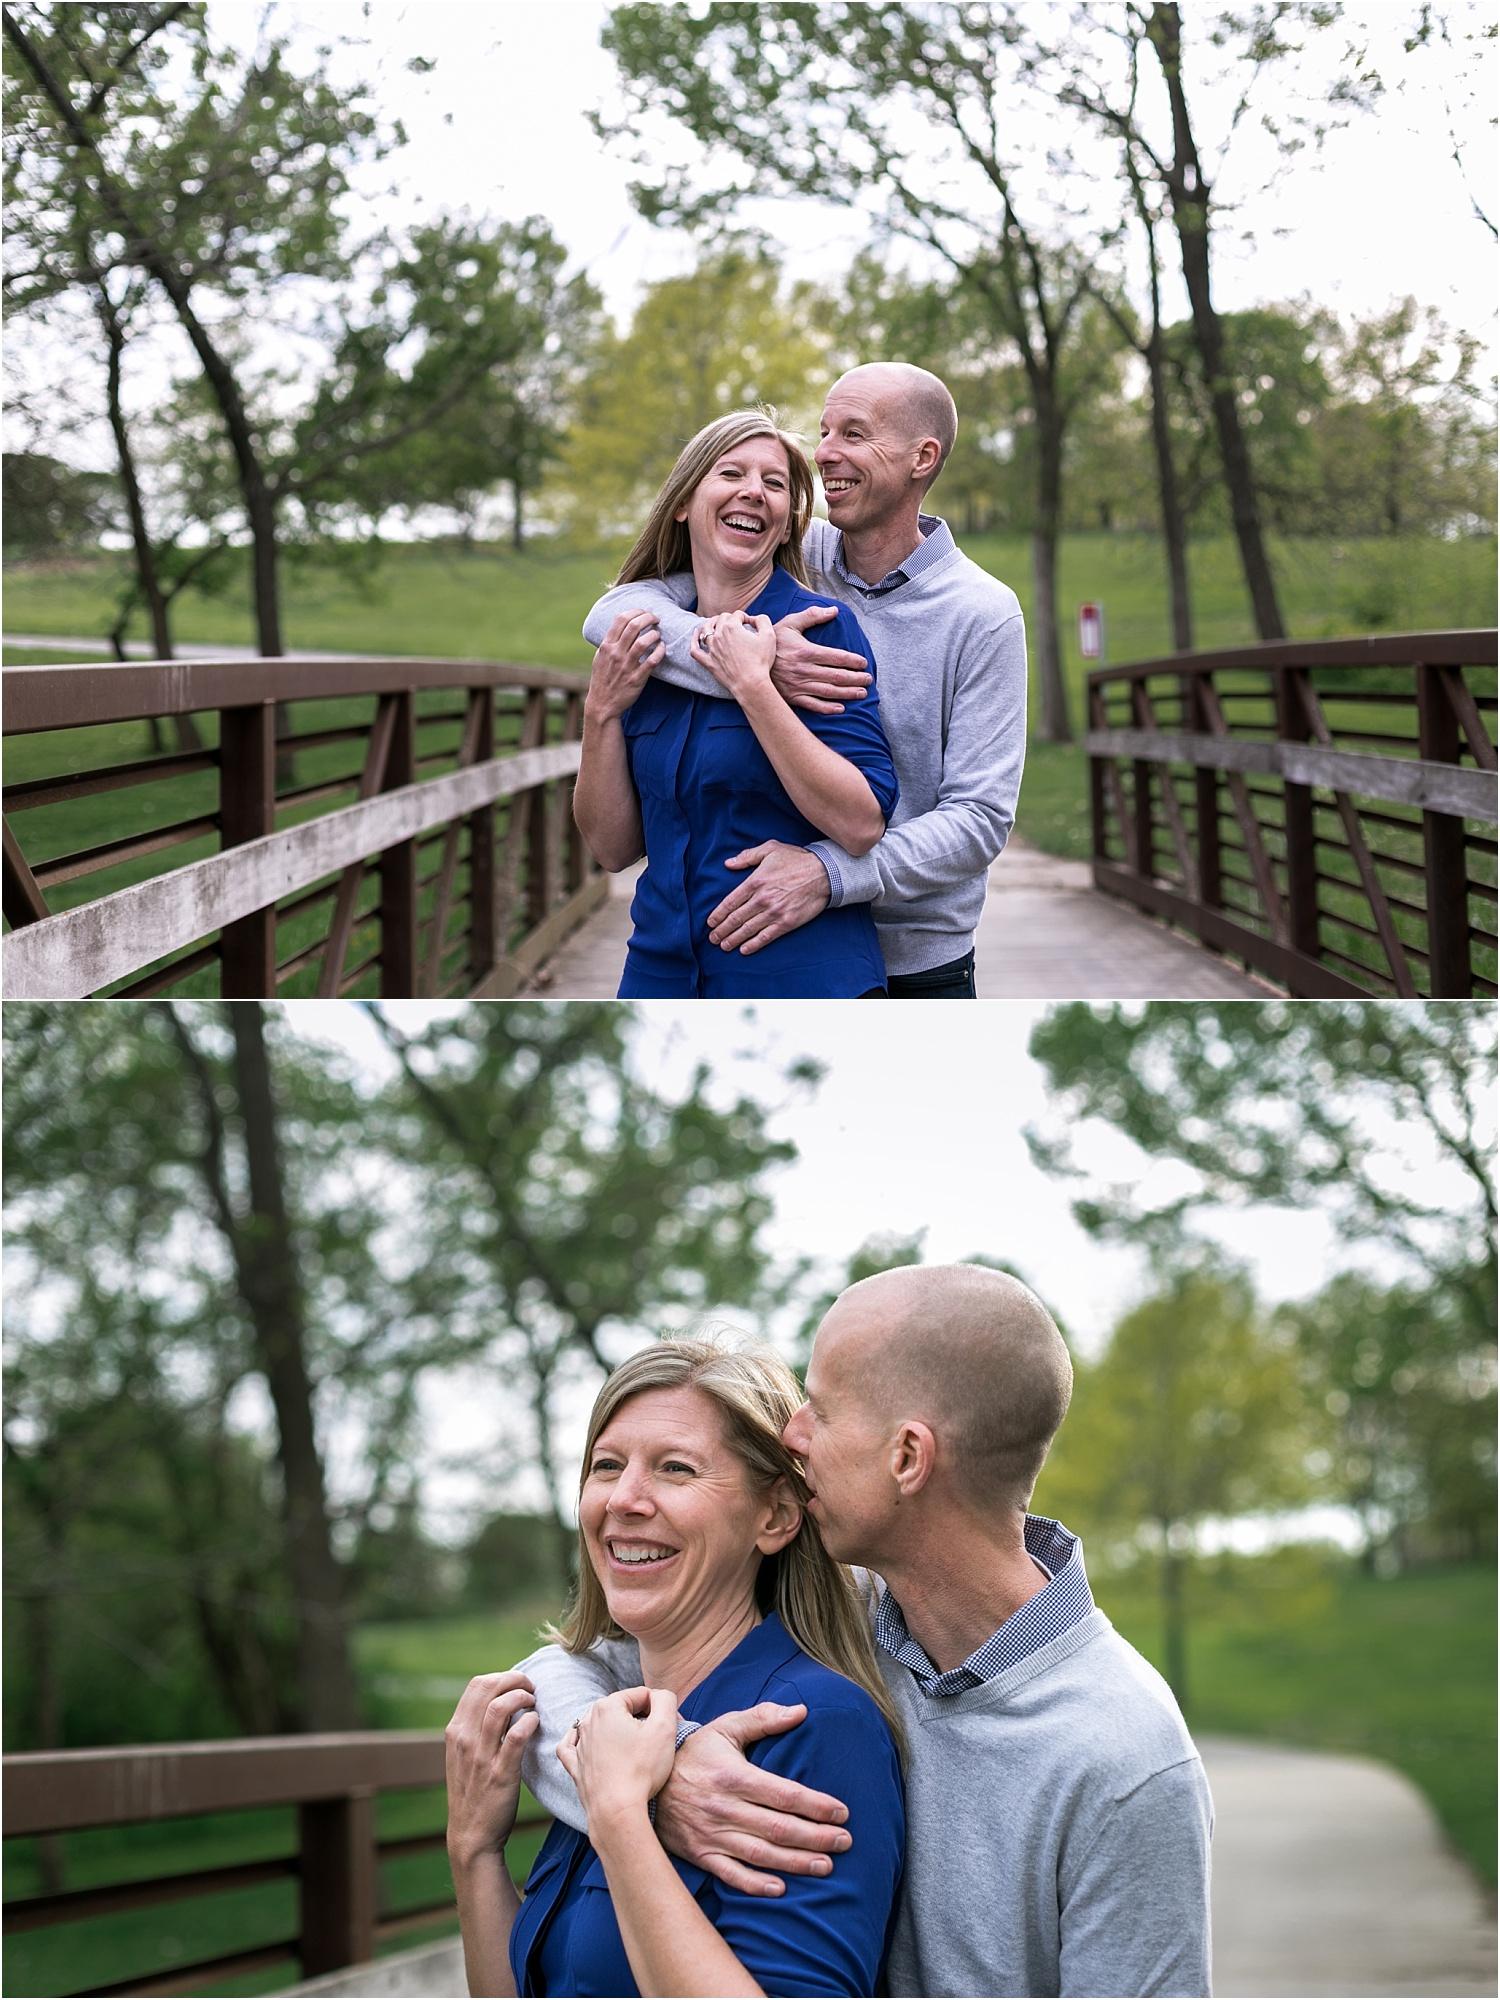 Engagement Photography Couple laughing together Heritage Park Bridge Olathe Kansas